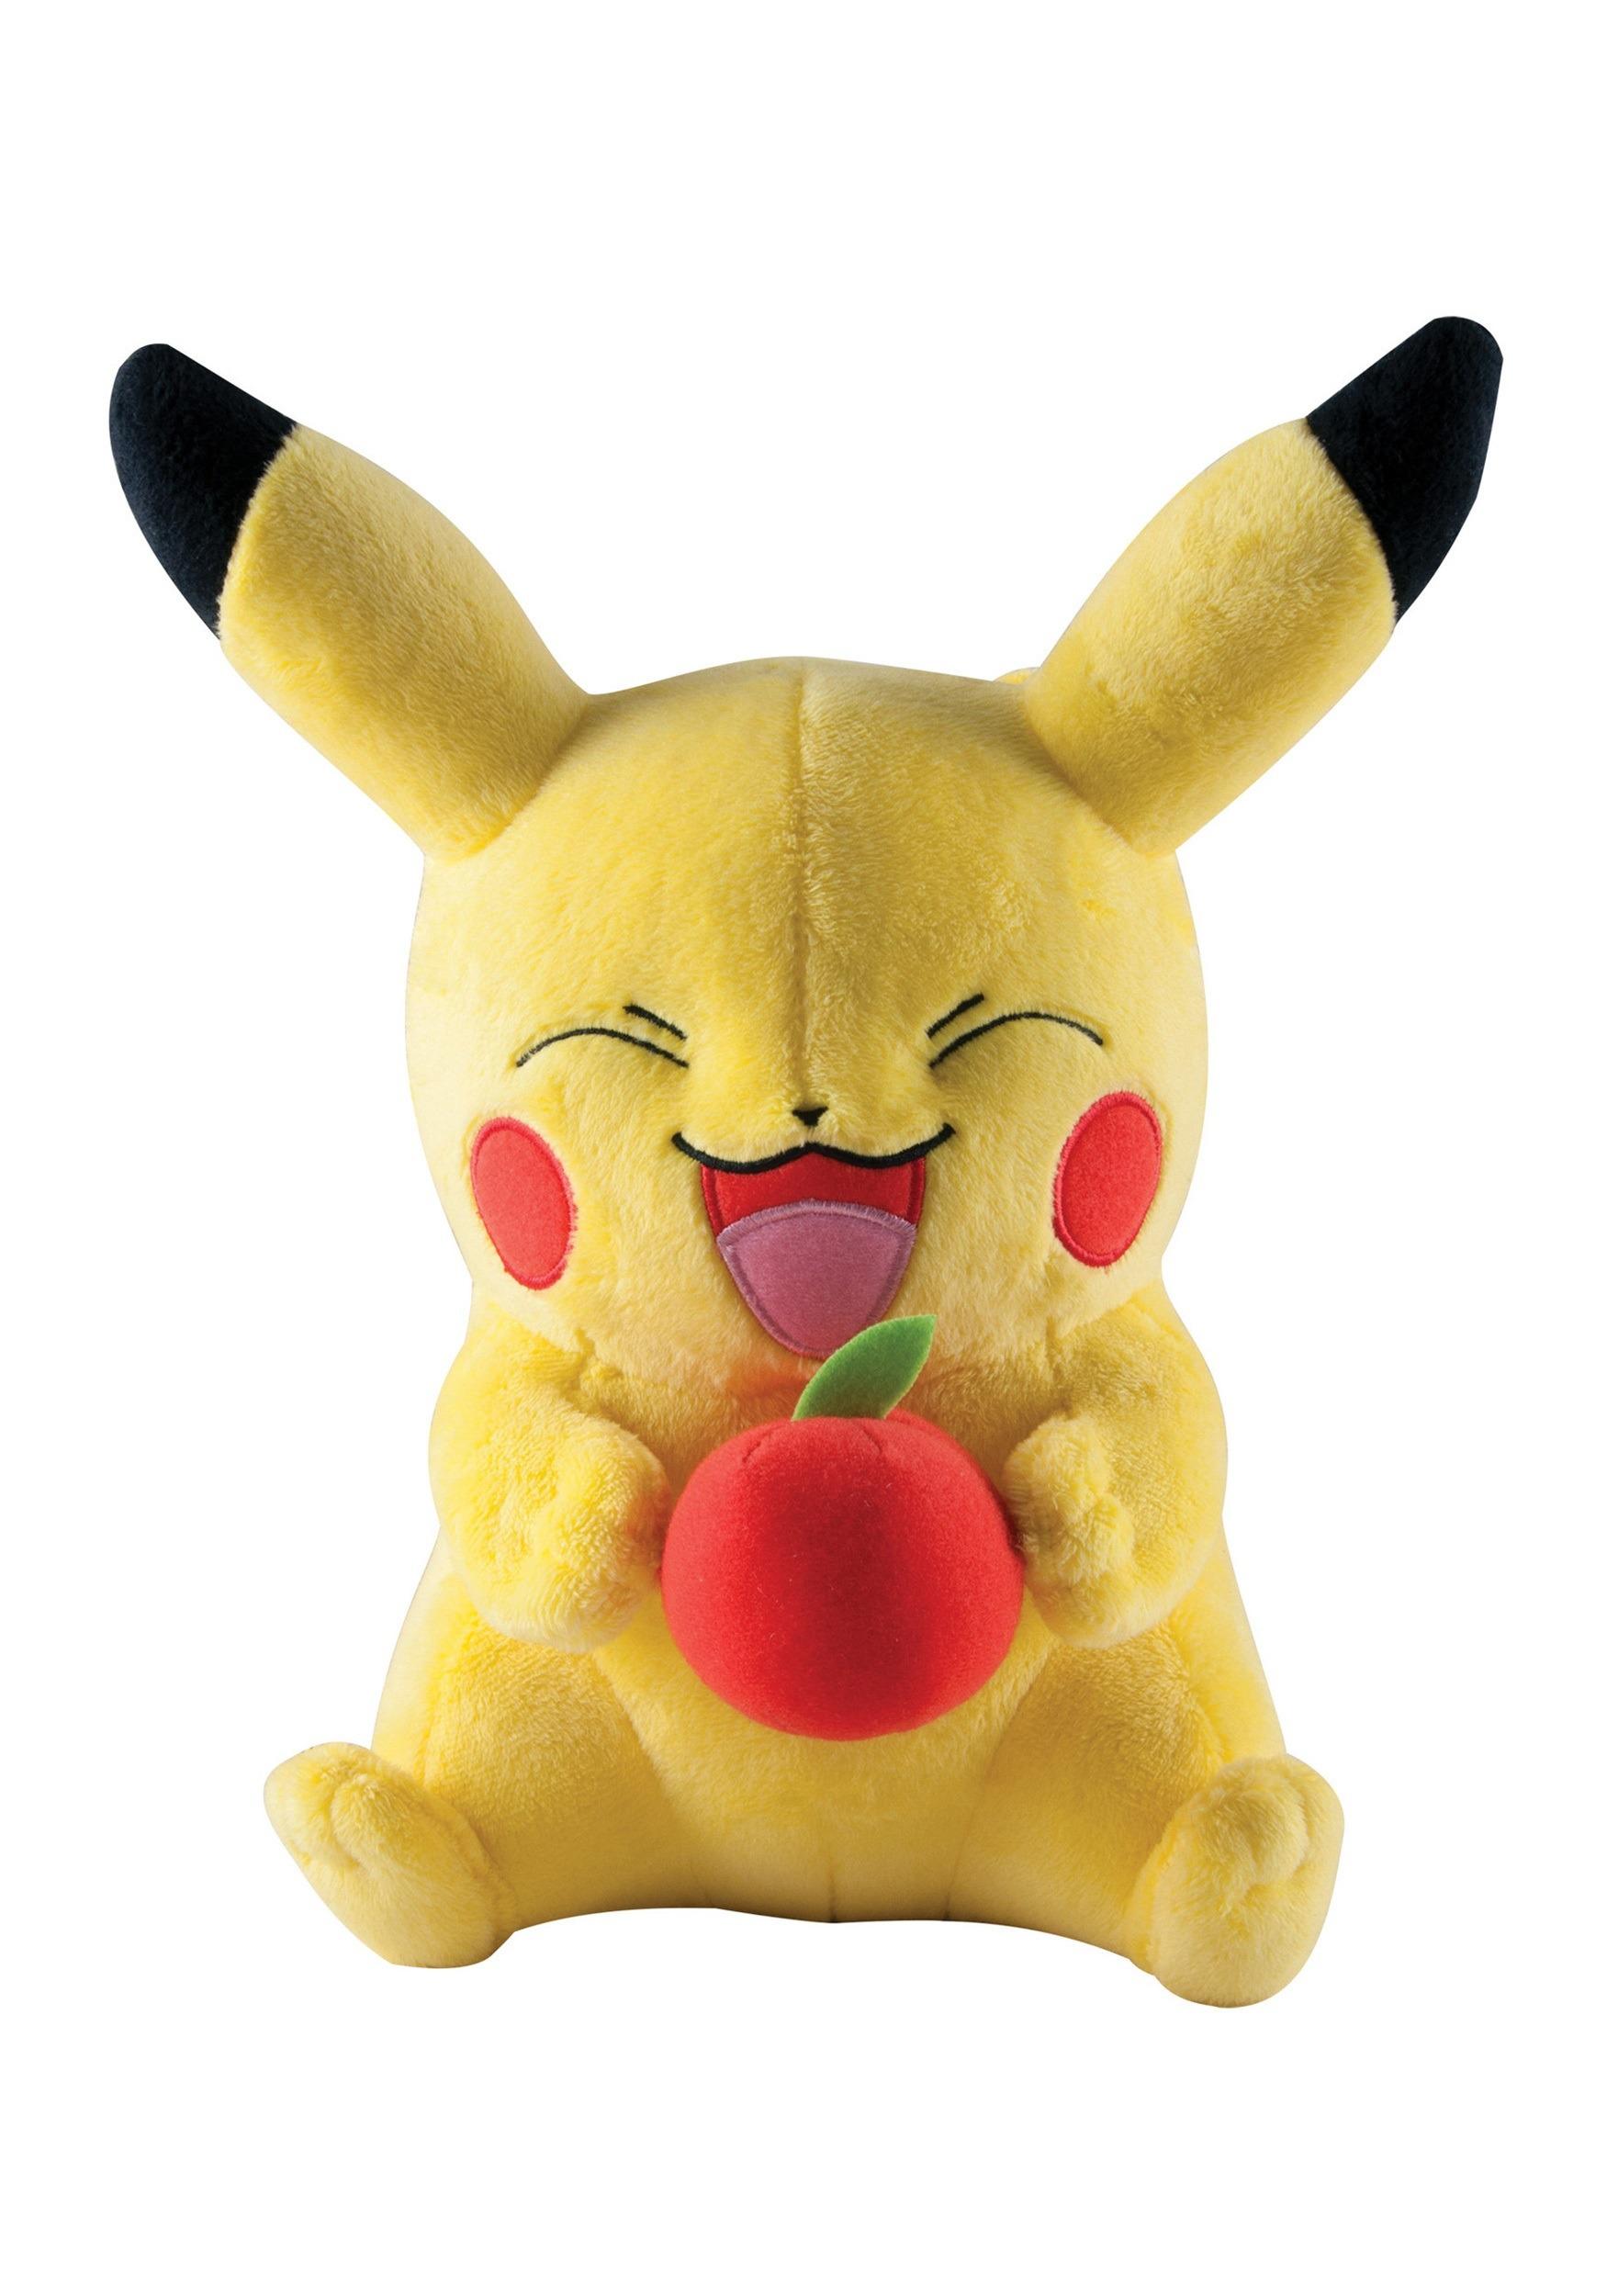 Pokemon Pikachu Large Stuffed Figure